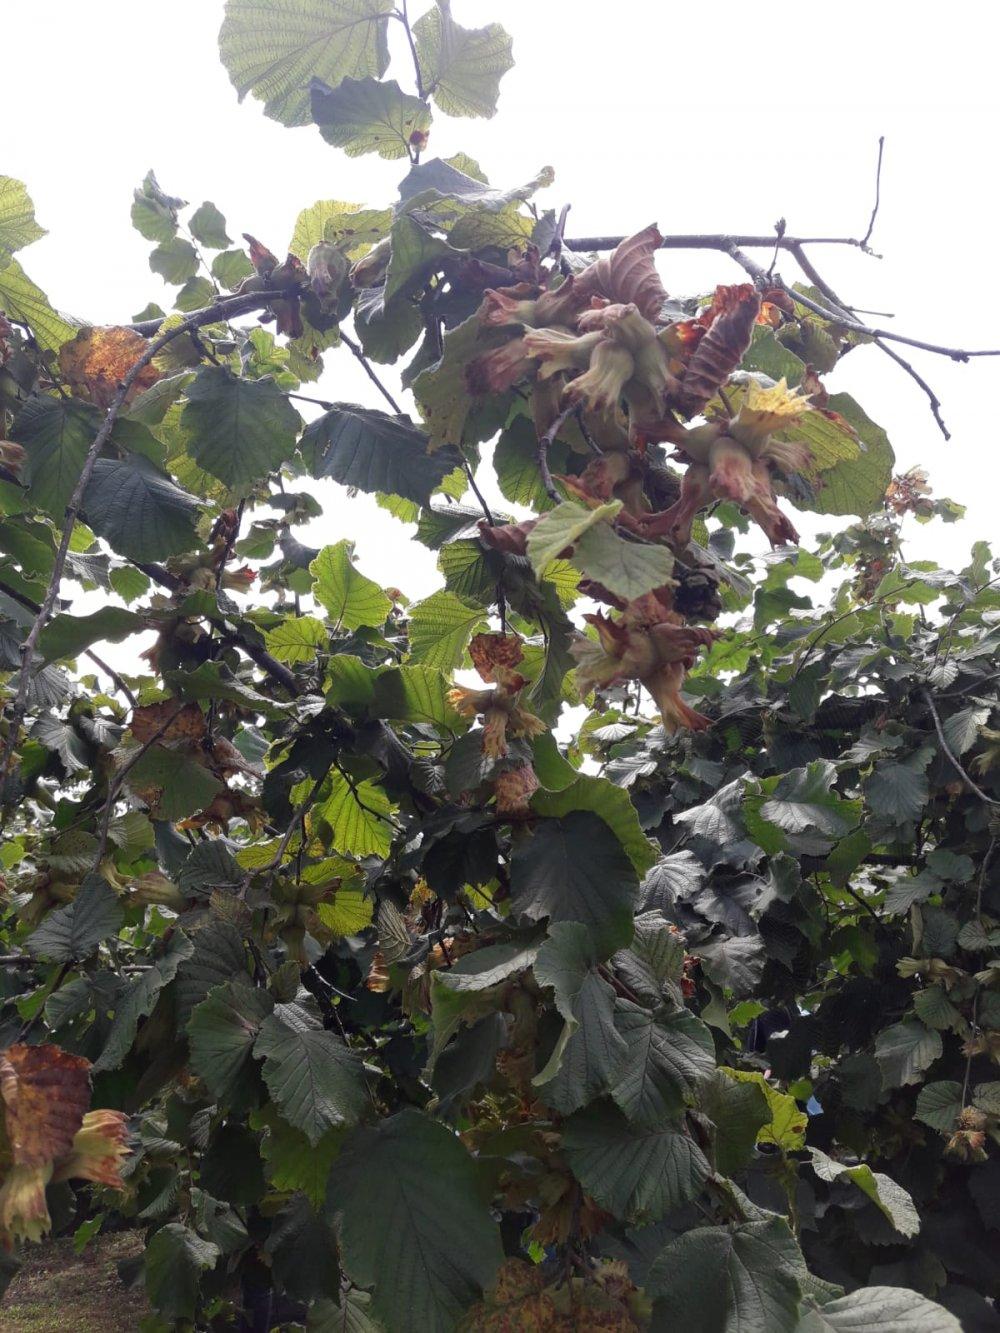 FerreroFındık Ordu'daki Örnek bahçelerini tanıttı